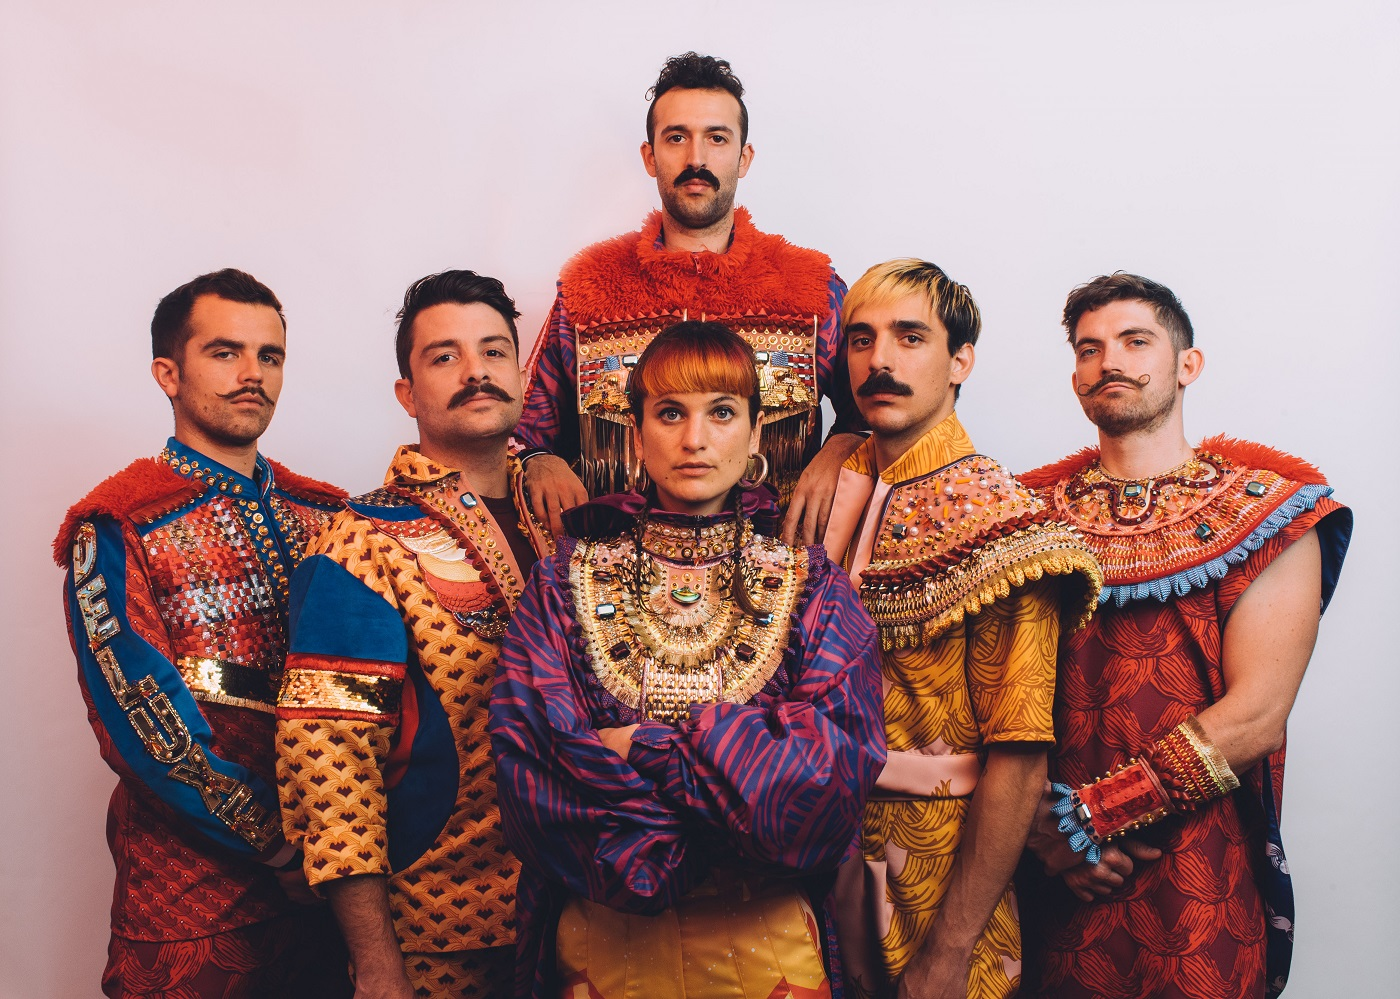 Alla Festa della Musica di Chianciano Terme arrivano i francesi Deluxe